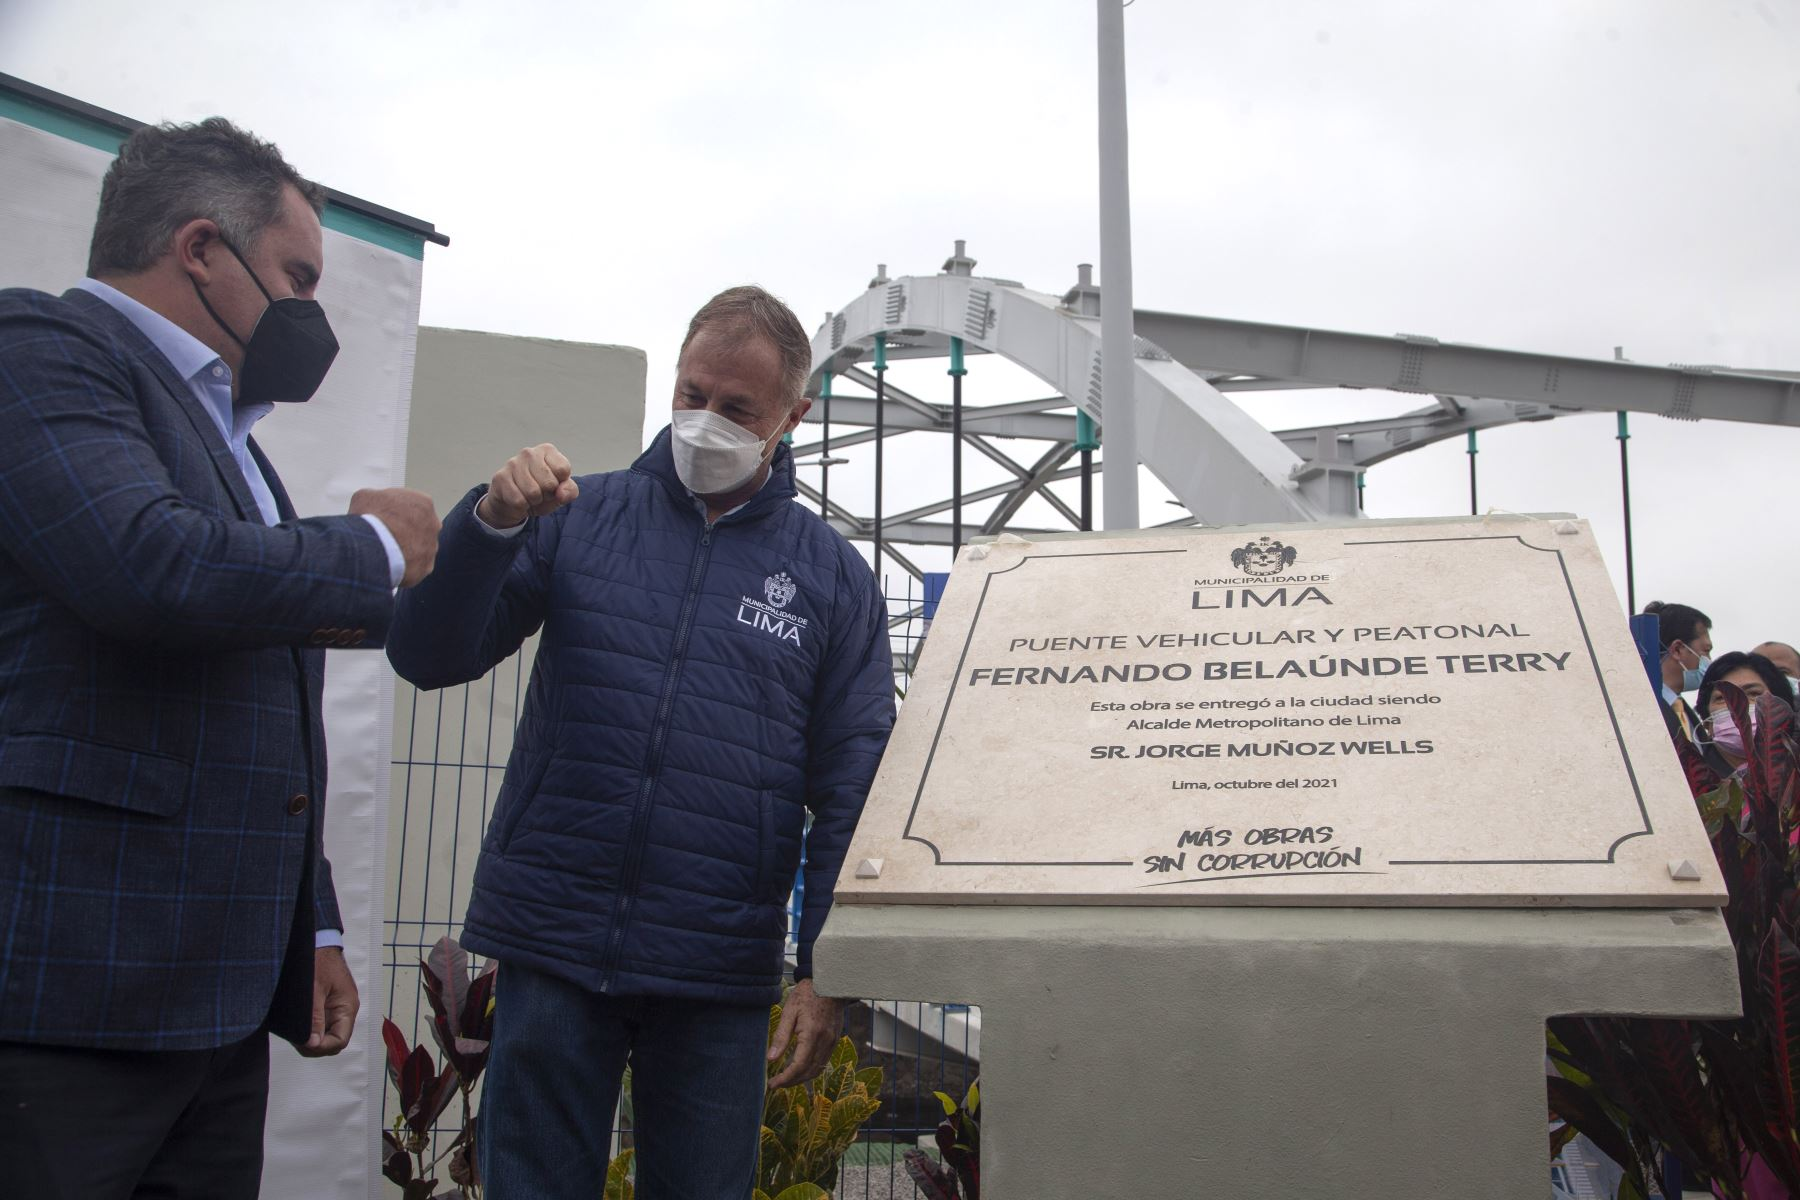 Esta infraestructura, que beneficiará a más de 100 mil ciudadanos y lleva el nombre del expresidente Fernando Belaunde Terry, cuenta con 16 pilotes de cimentación de 27 m de profundidad. Foto: ANDINA/ Municipalidad de Lima